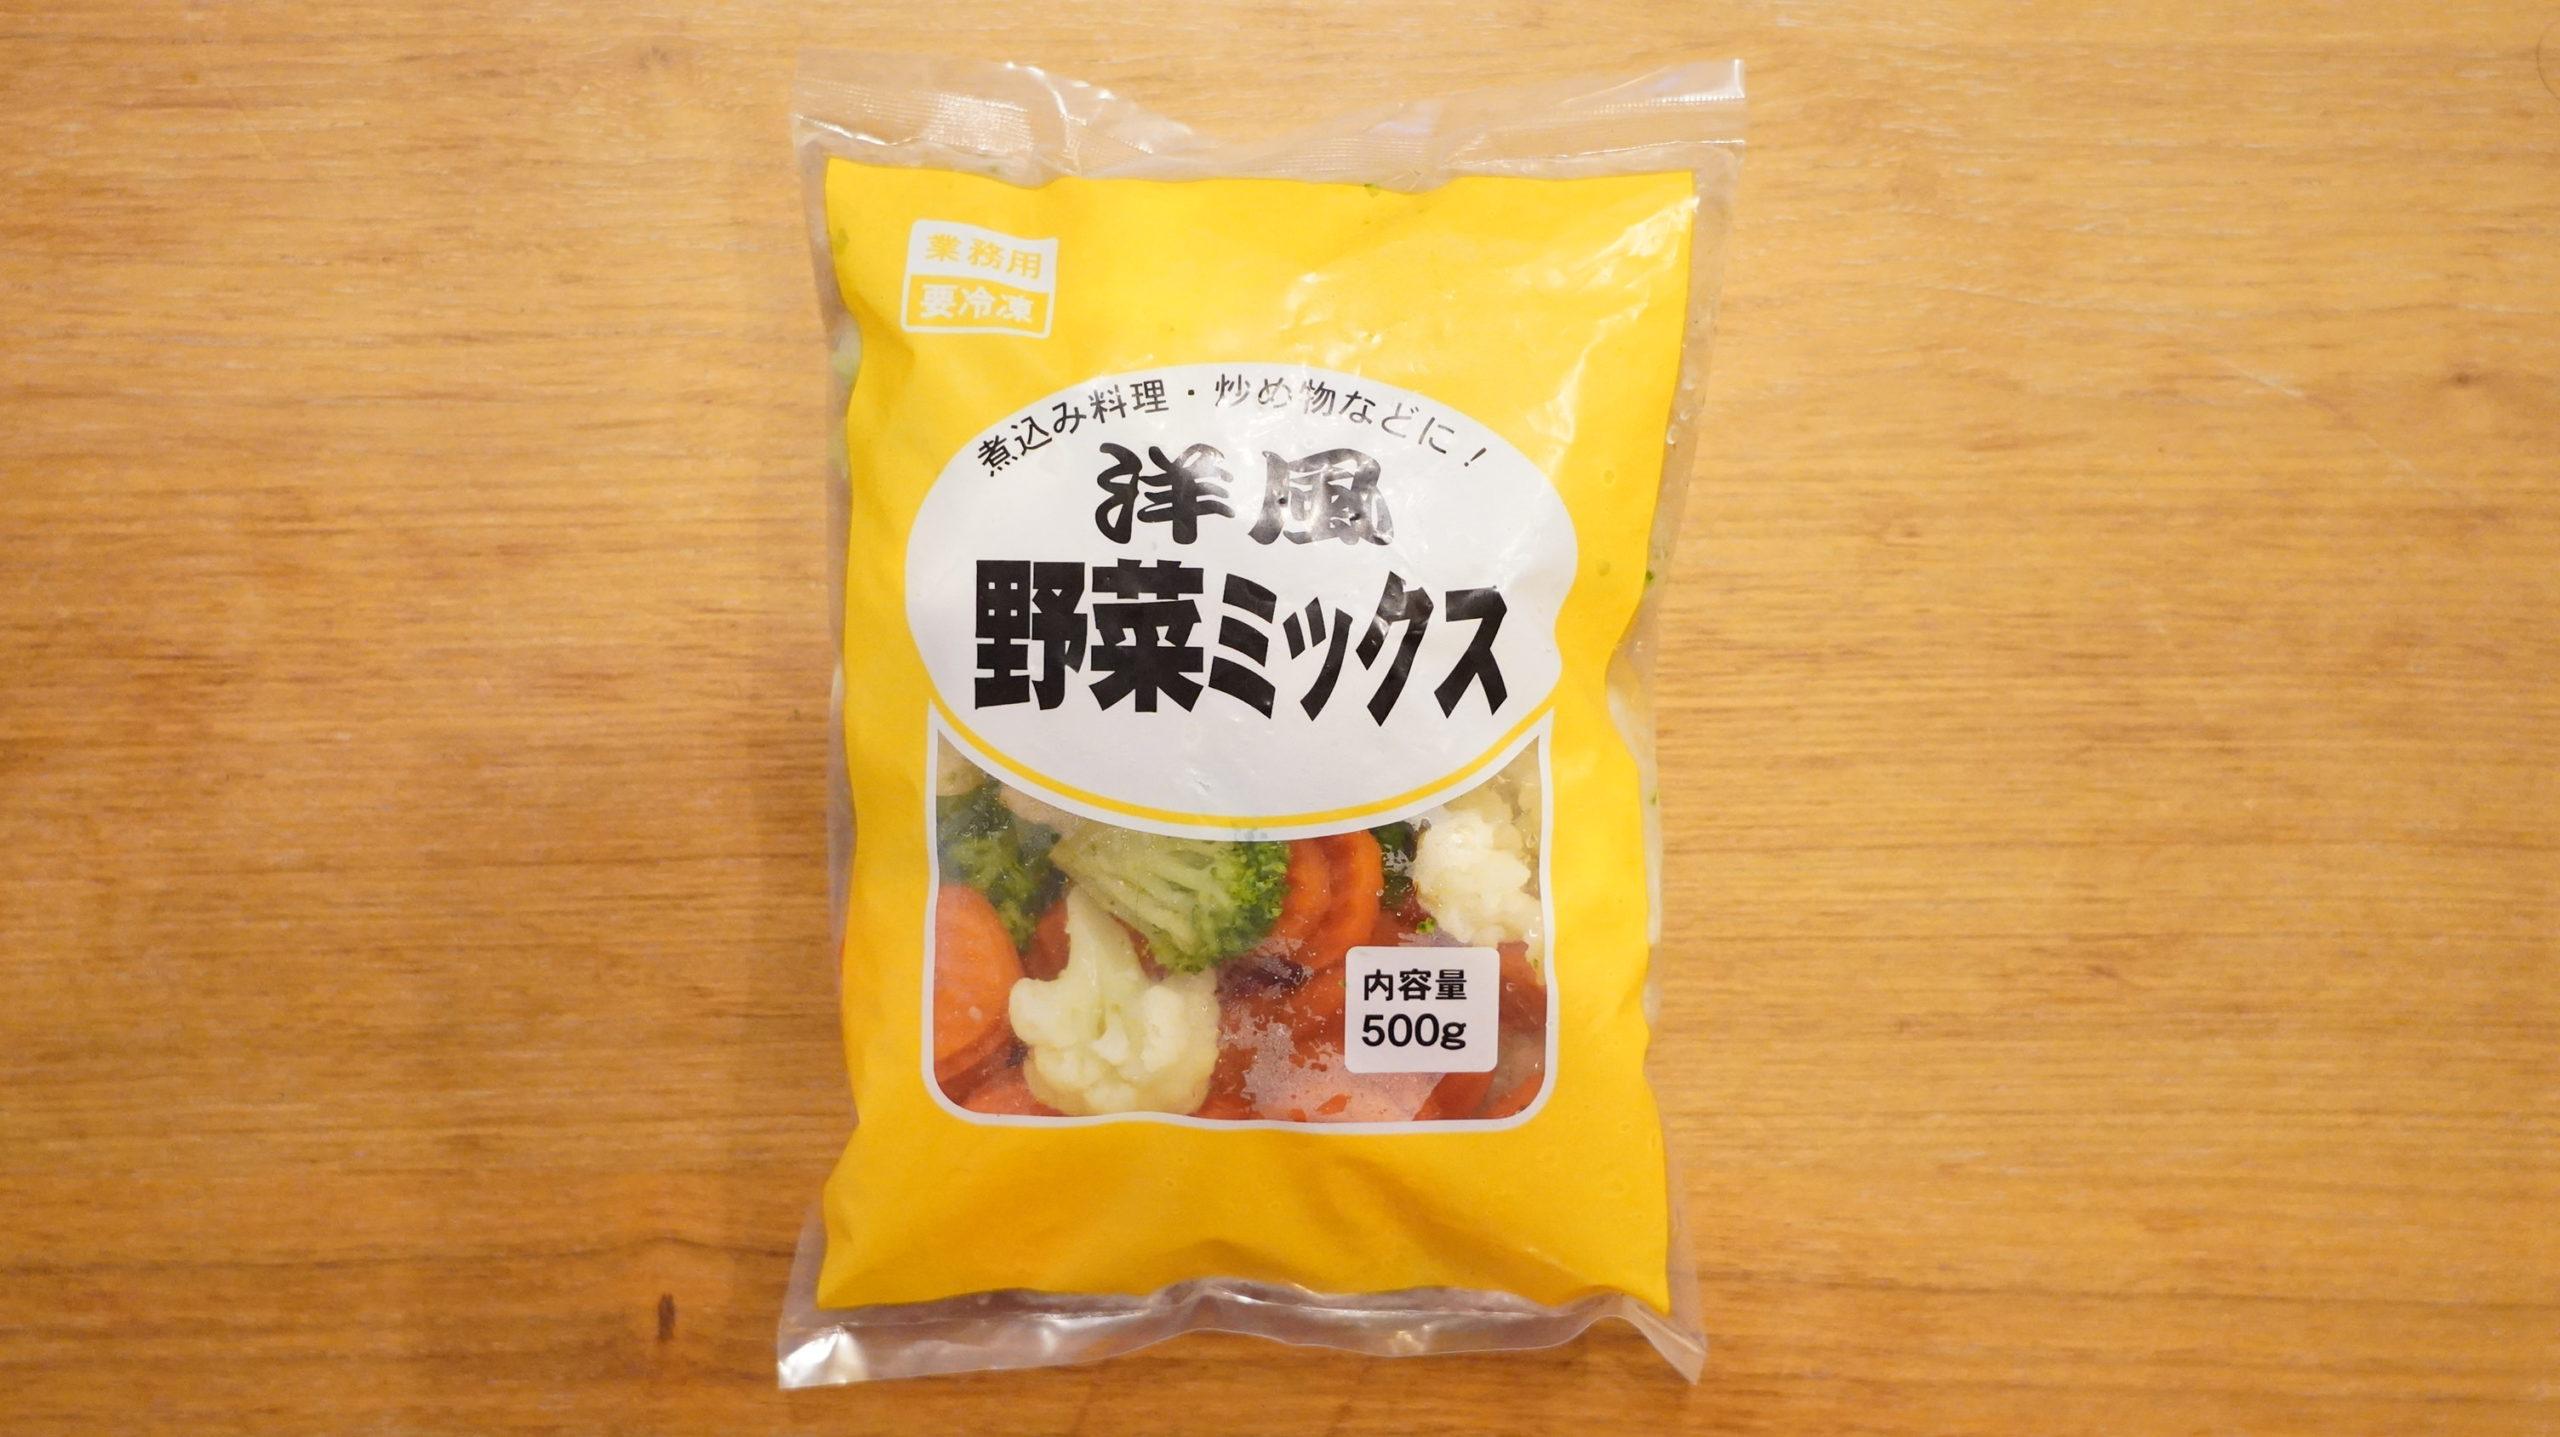 業務スーパーのおすすめ冷凍食品「洋風野菜ミックス」のパッケージの写真